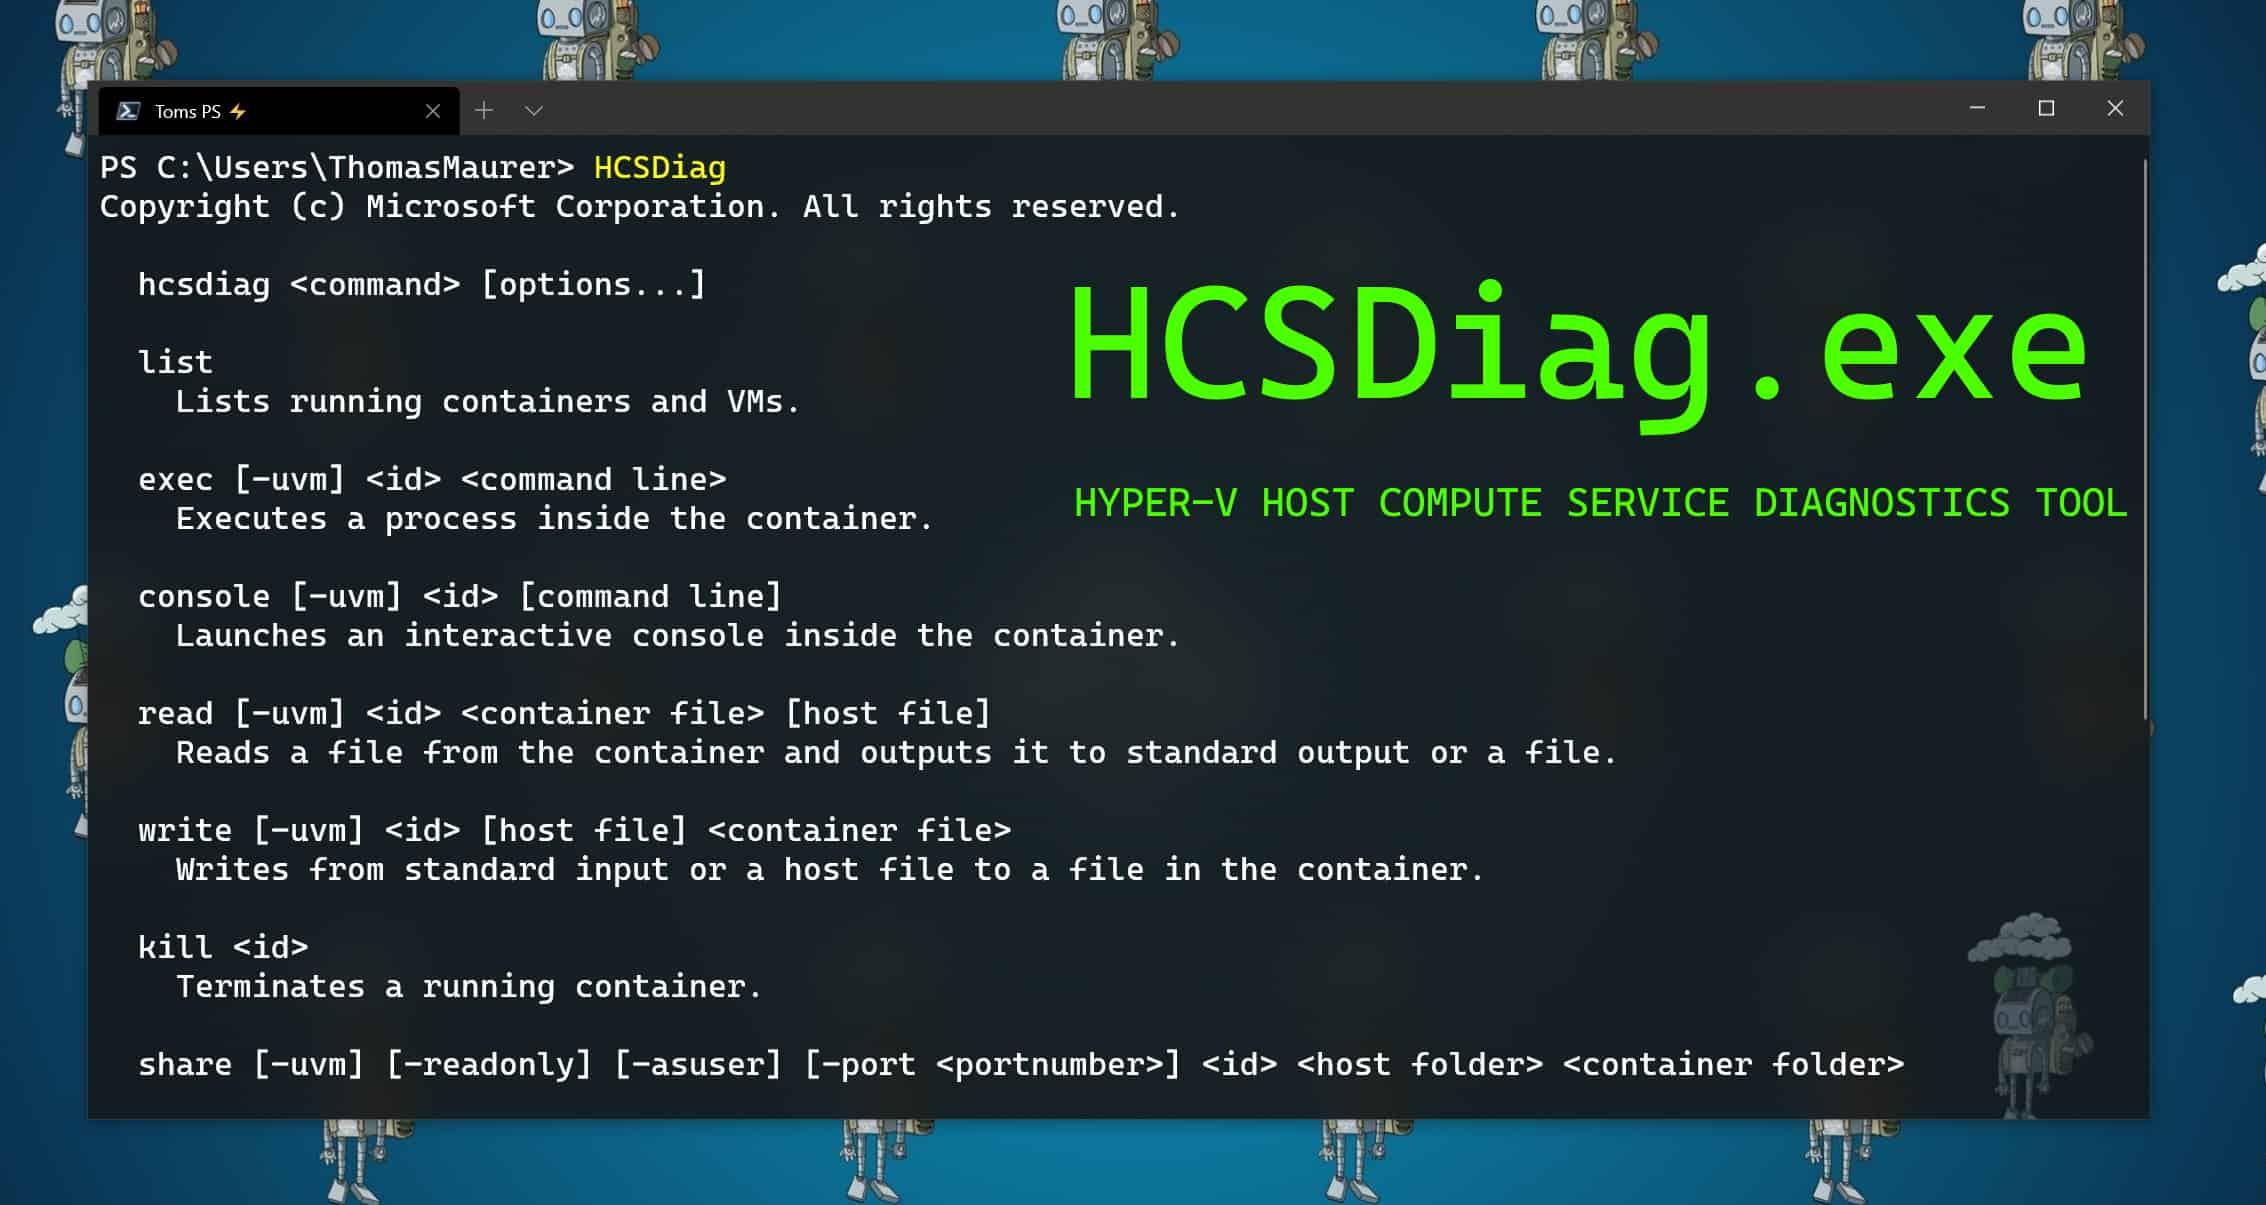 HCSDiag.exe - Hyper-V Host Compute Service Diagnostics Tool